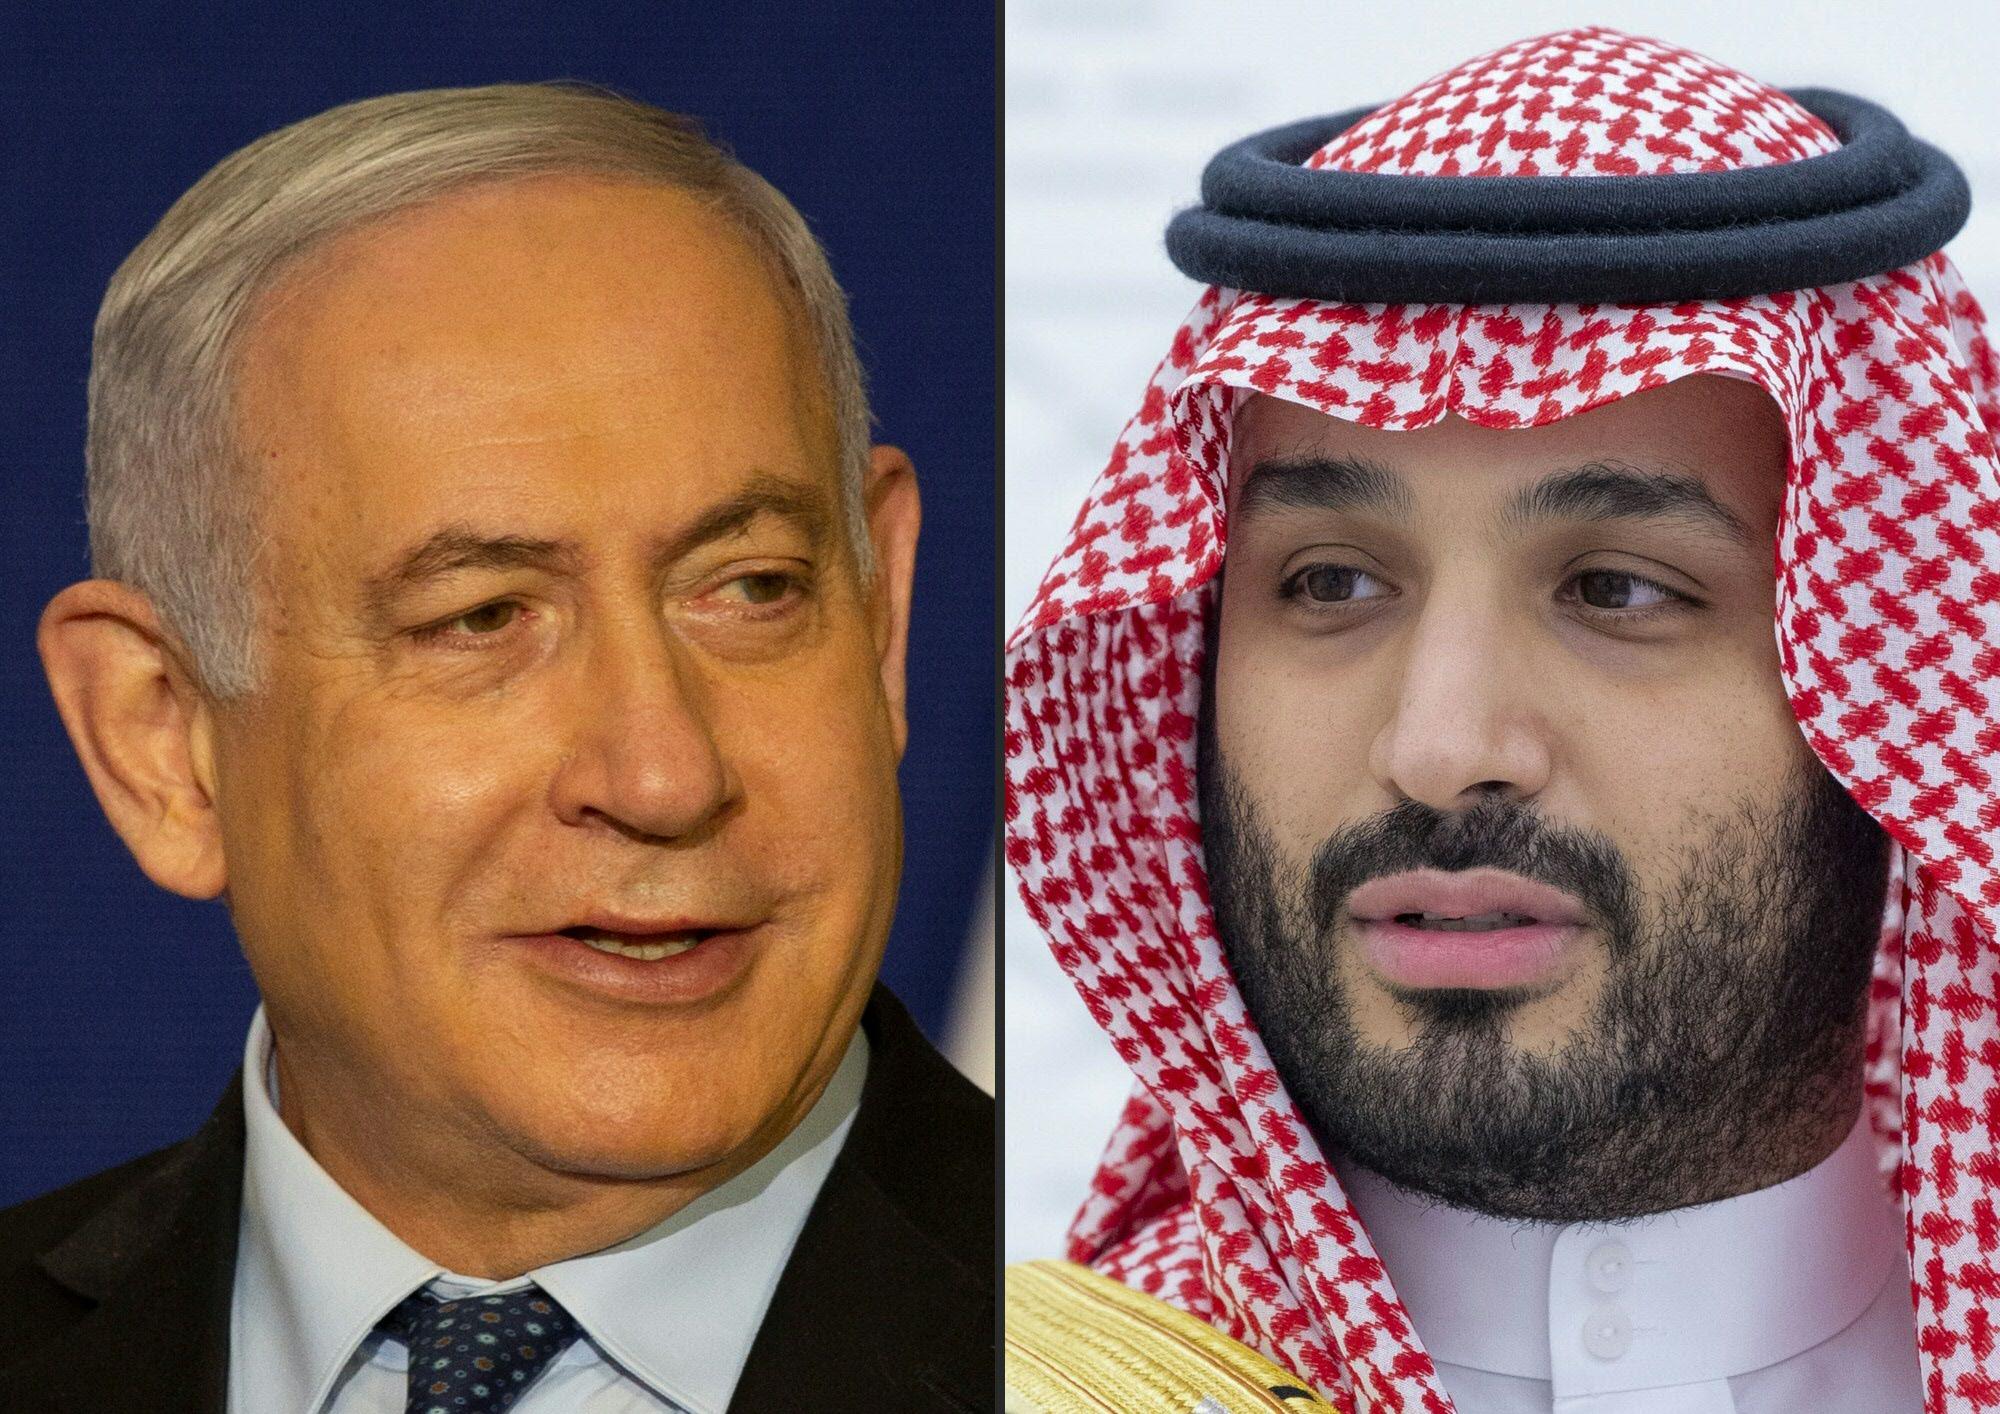 蓬佩奧中東促和平 以色列總理首晤沙特王儲